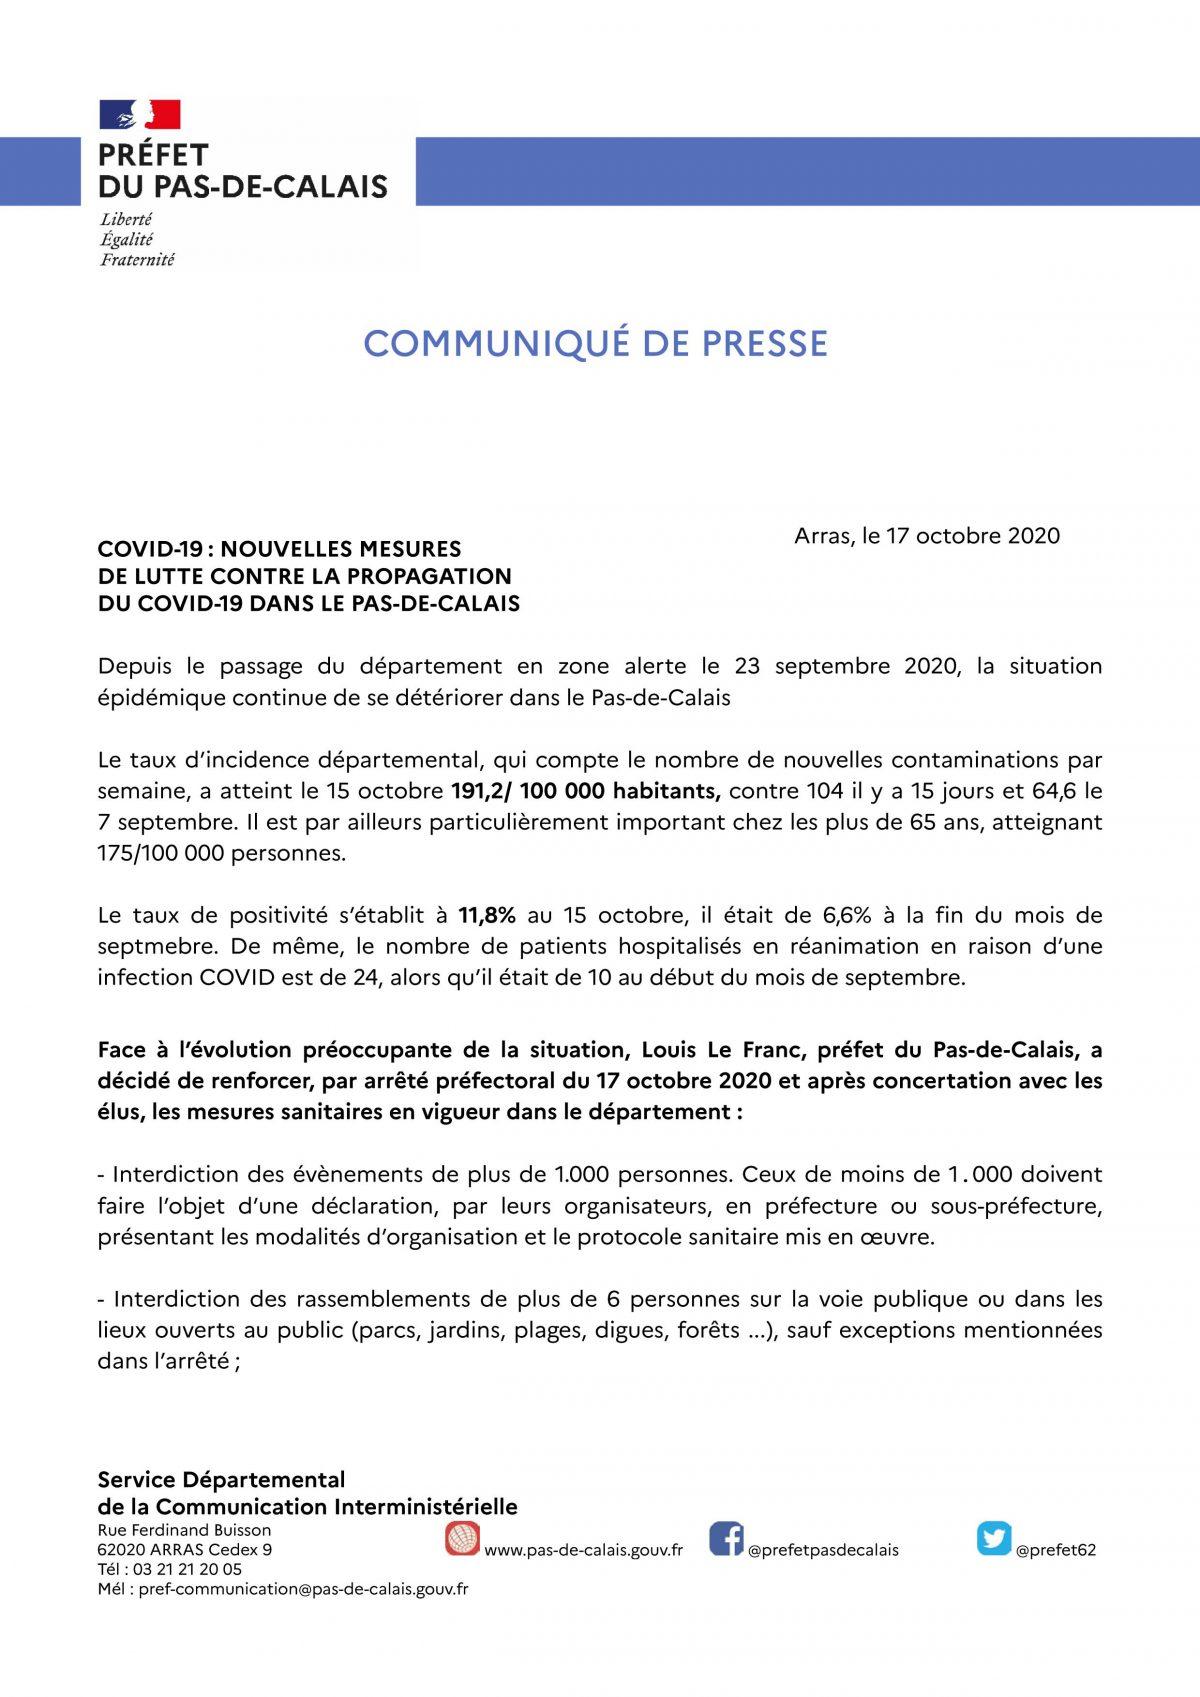 Communique_de_presse_du_17_octobre_2020-_Renforcement_des_mesures_sanitaires_1-1